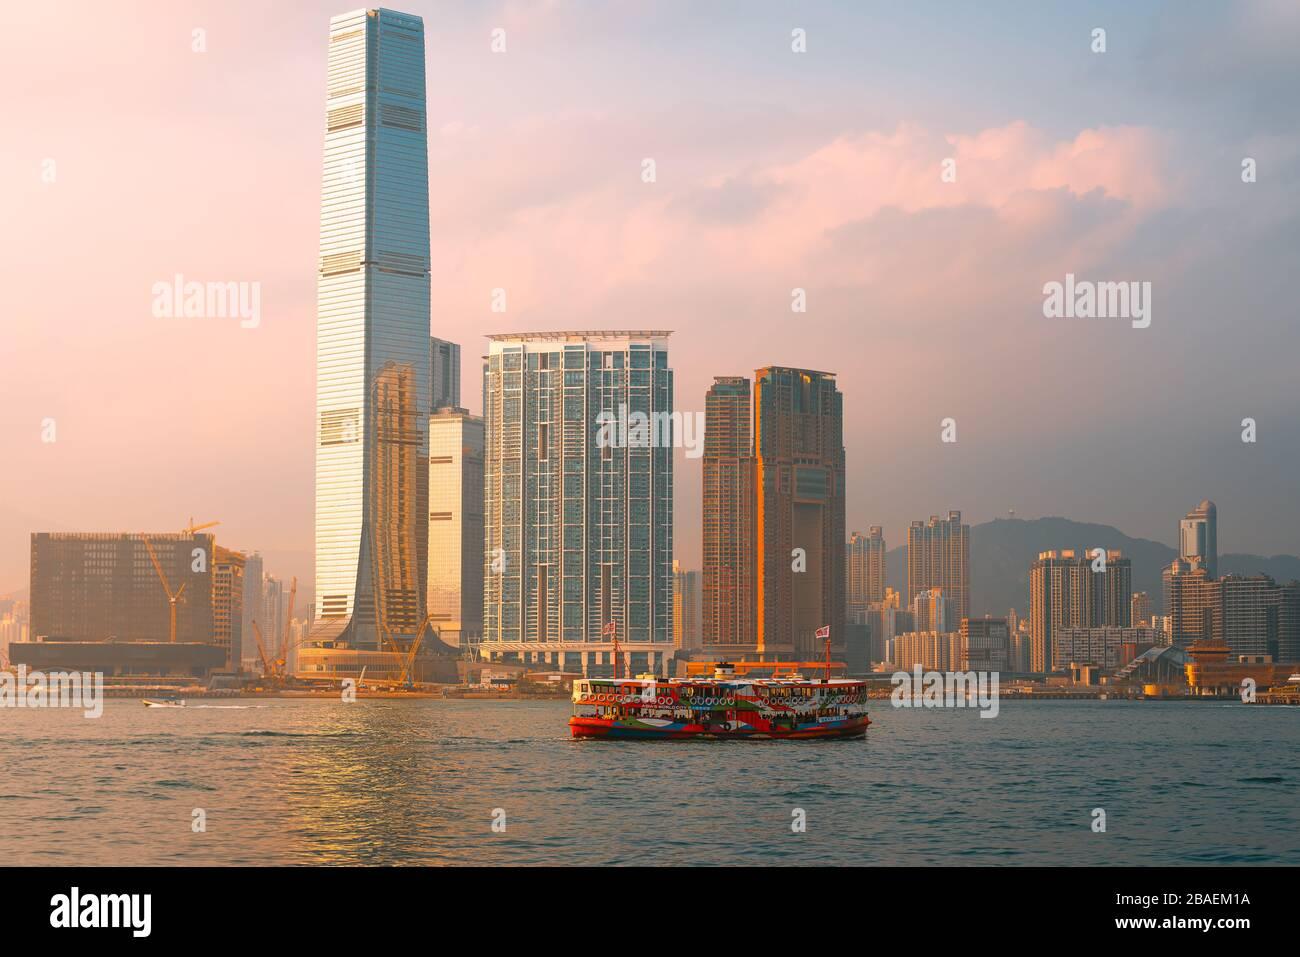 Central, Hongkong - 1. März 2020: Sternenfähre und Wolkenkratzer mit Sonnenuntergang im Victoria Harbour Stockfoto